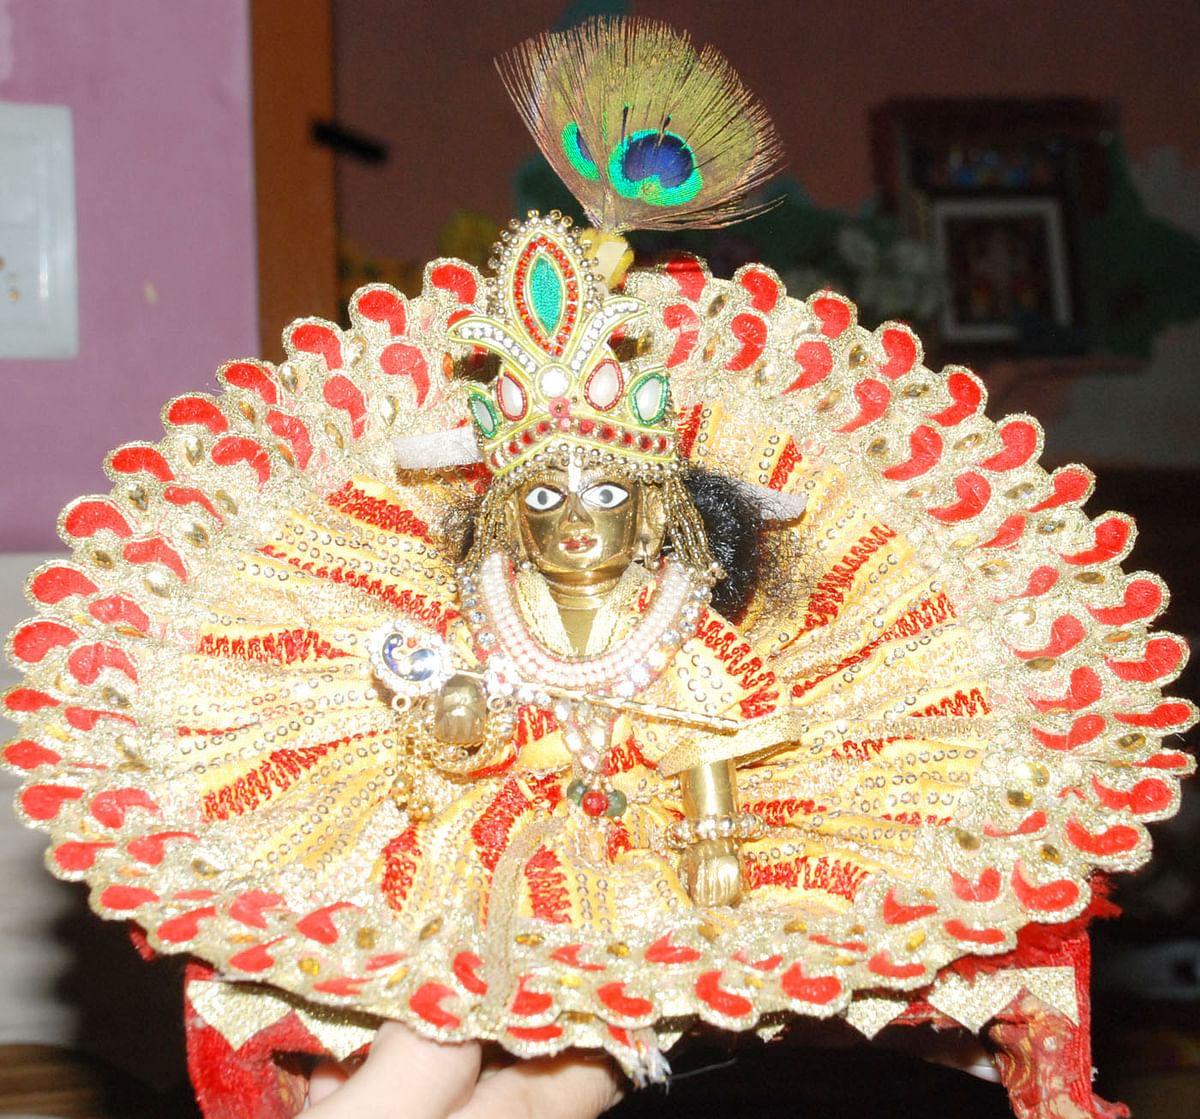 पारंपरिक श्रद्धा, उल्लास से मनायी जा रही श्री कृष्ण जन्माष्टमी